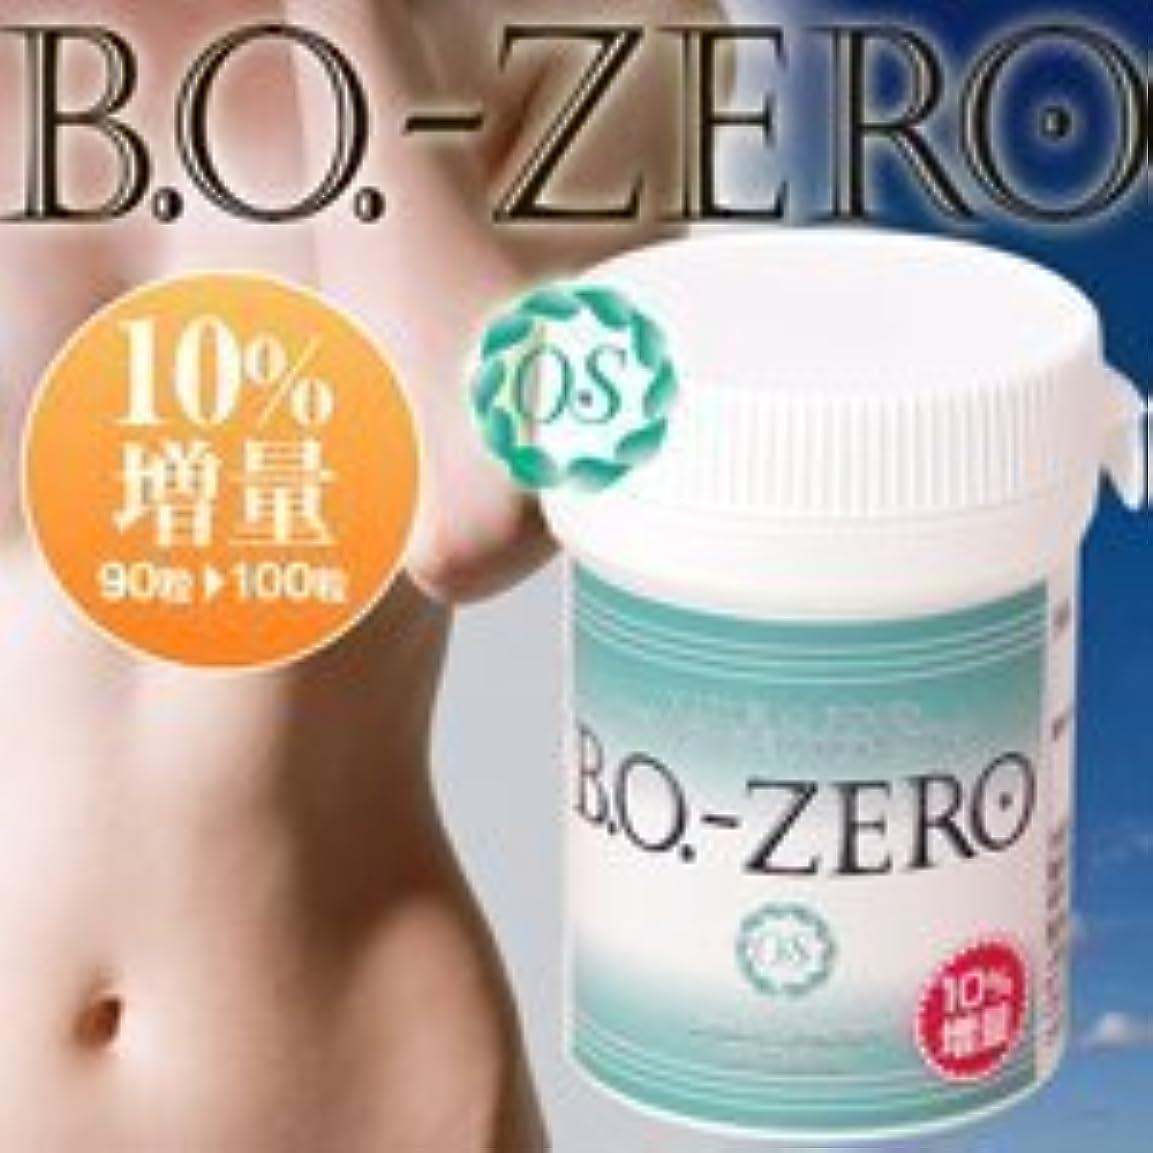 BO ZERO (ビーオー ゼロ) 10%増量×2個セット?  体臭 口臭 汗臭 ワキガ などの対策に